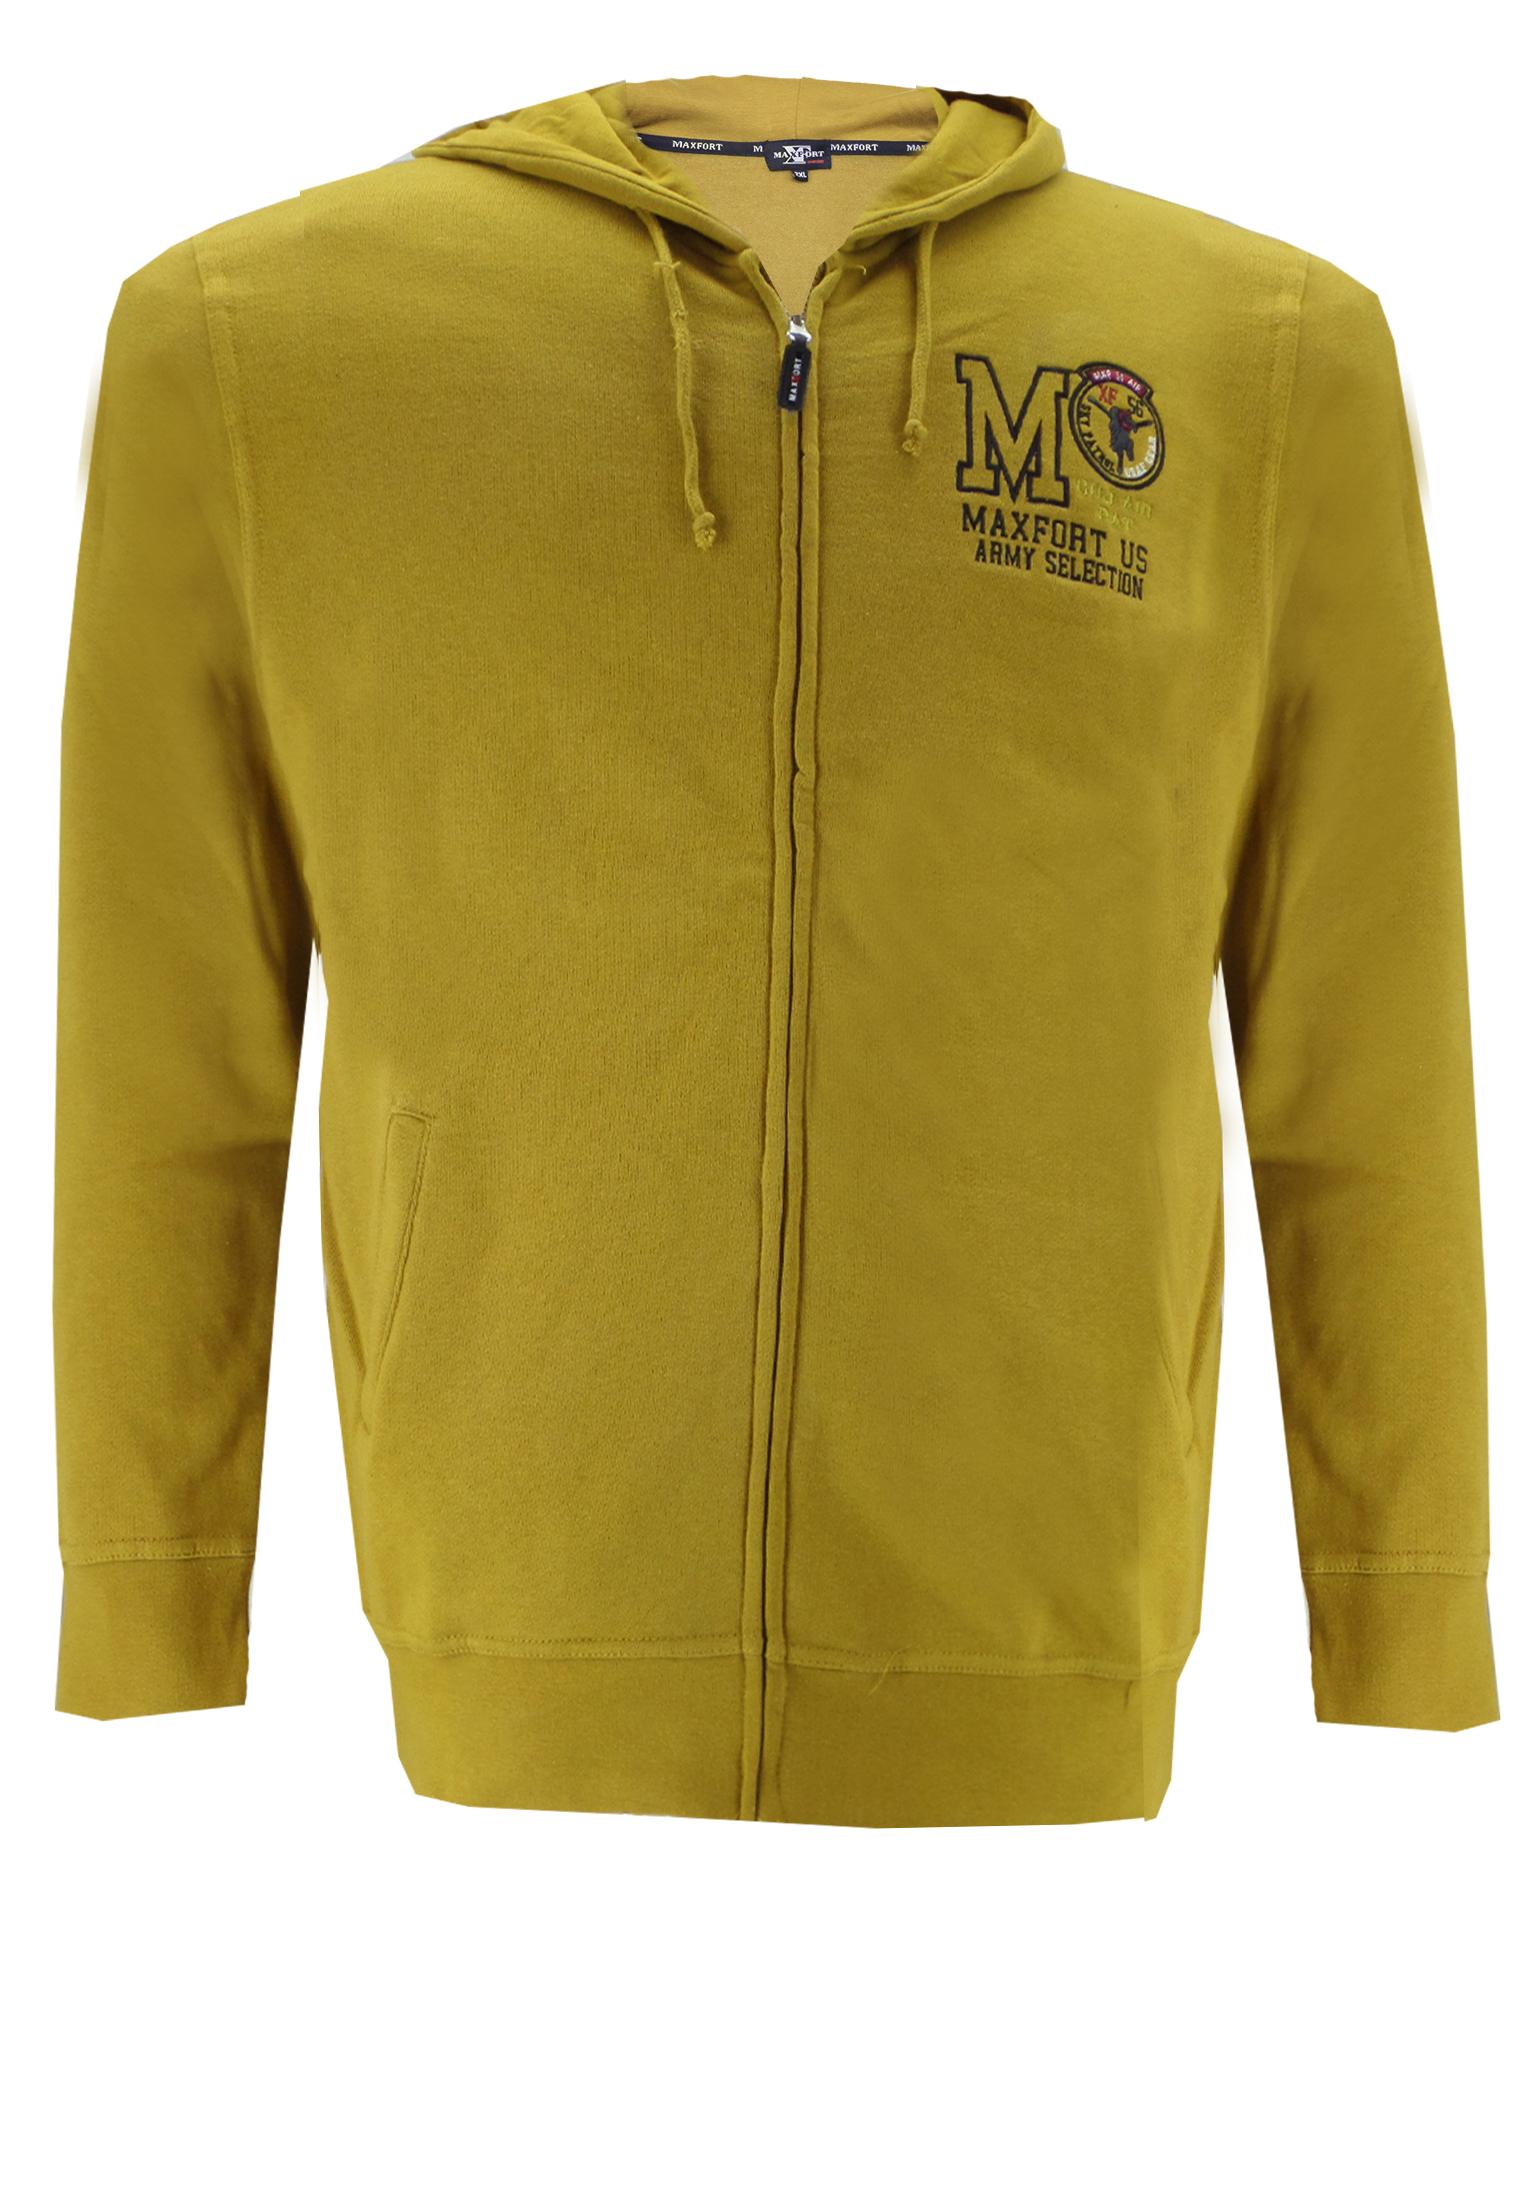 Wilt u eens een andere kleur, ga dan voor dit Maxfort Sweatvest met capuchon. Dit sportieve vest heeft 2 steekzakken aan de voorkant, elastische boorden aan de mouwen en zoom en een geborduurde print op de linkerborst.